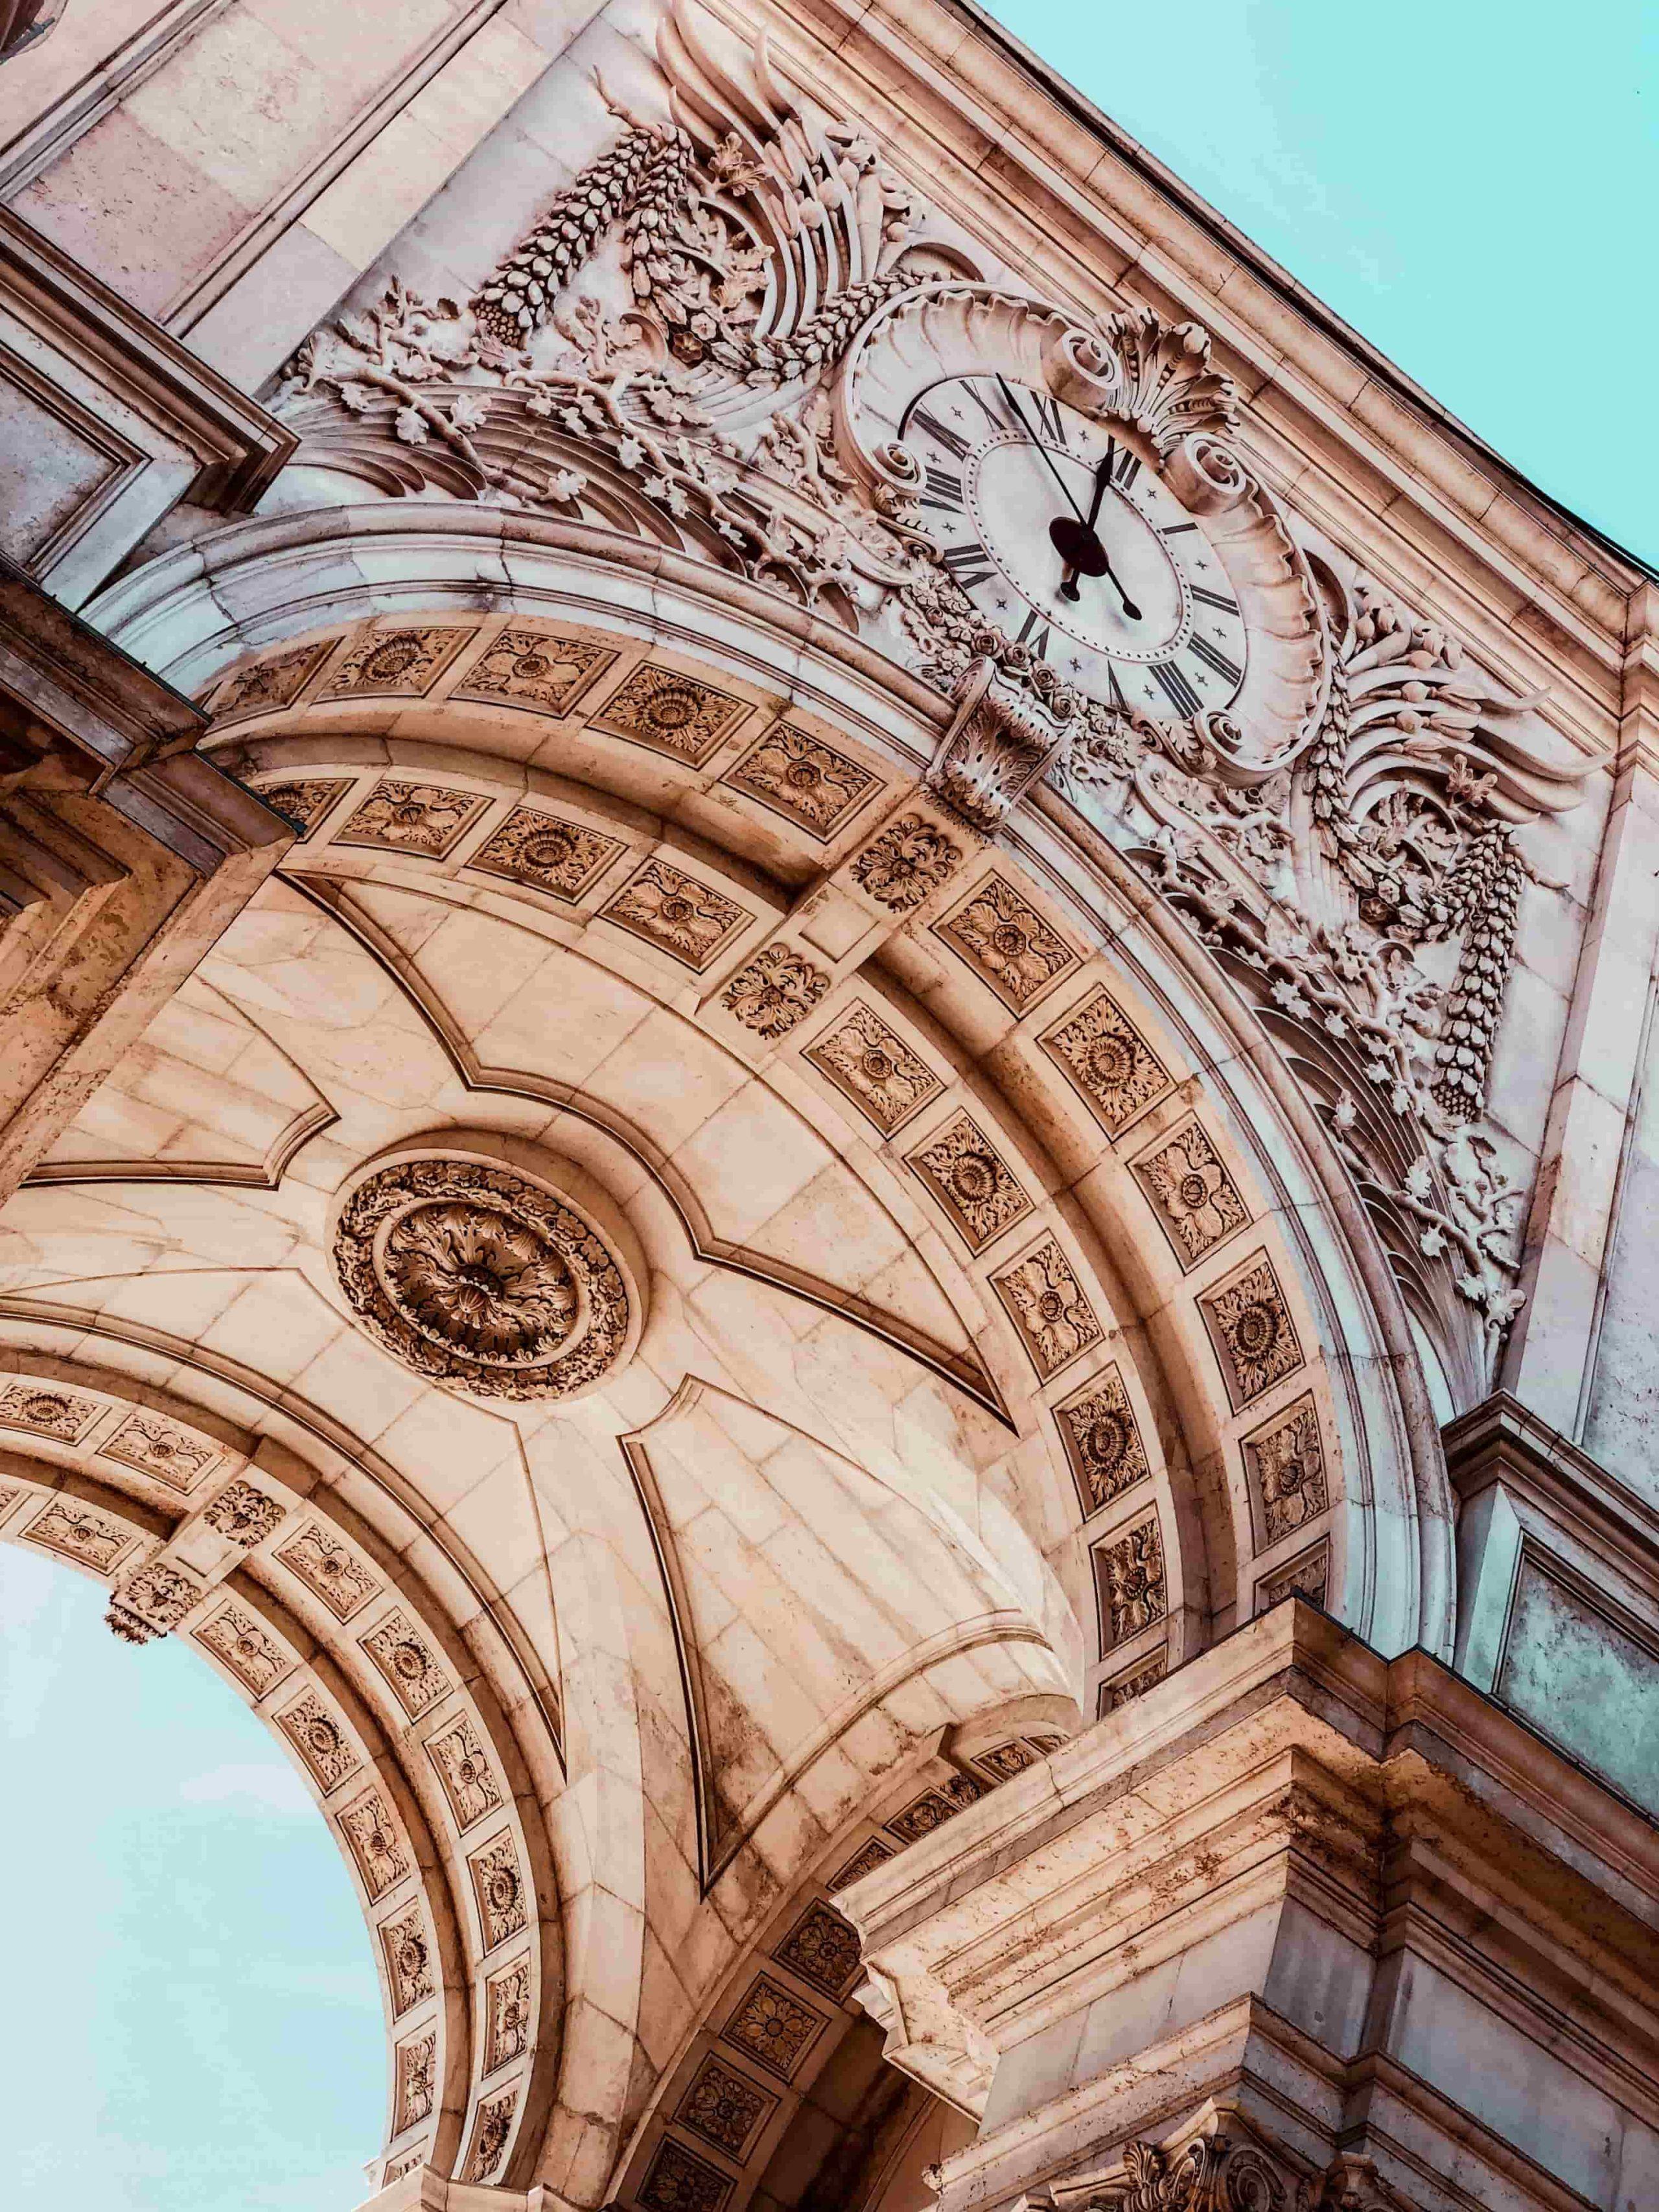 Städtereisen an Ostern, Tipps für Osterurlaub, Städtetrip an Ostern, Lissabon Sehenswürdigkeiten